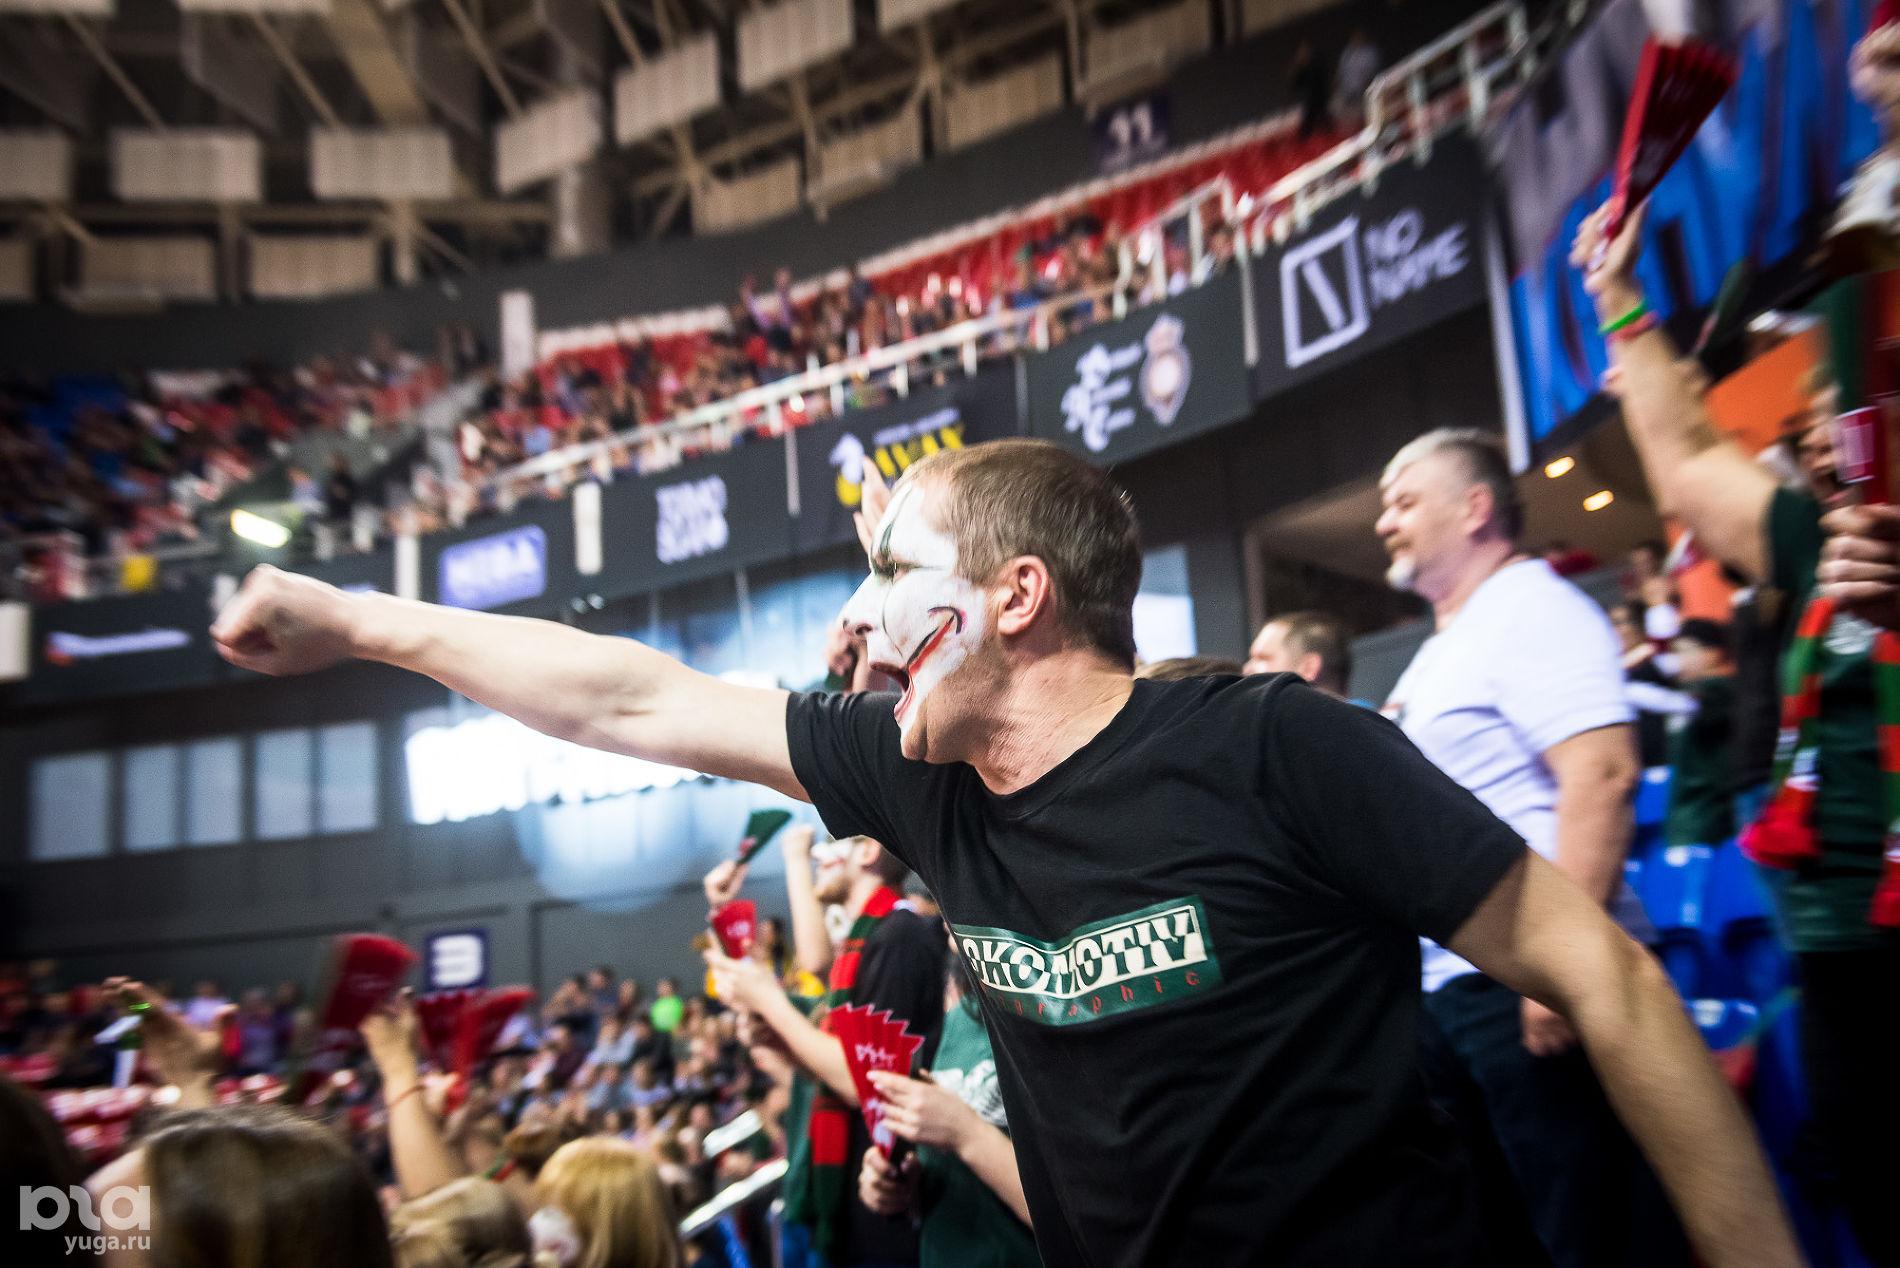 Фанатский сектор «Локо» ©Фото Елены Синеок, Юга.ру